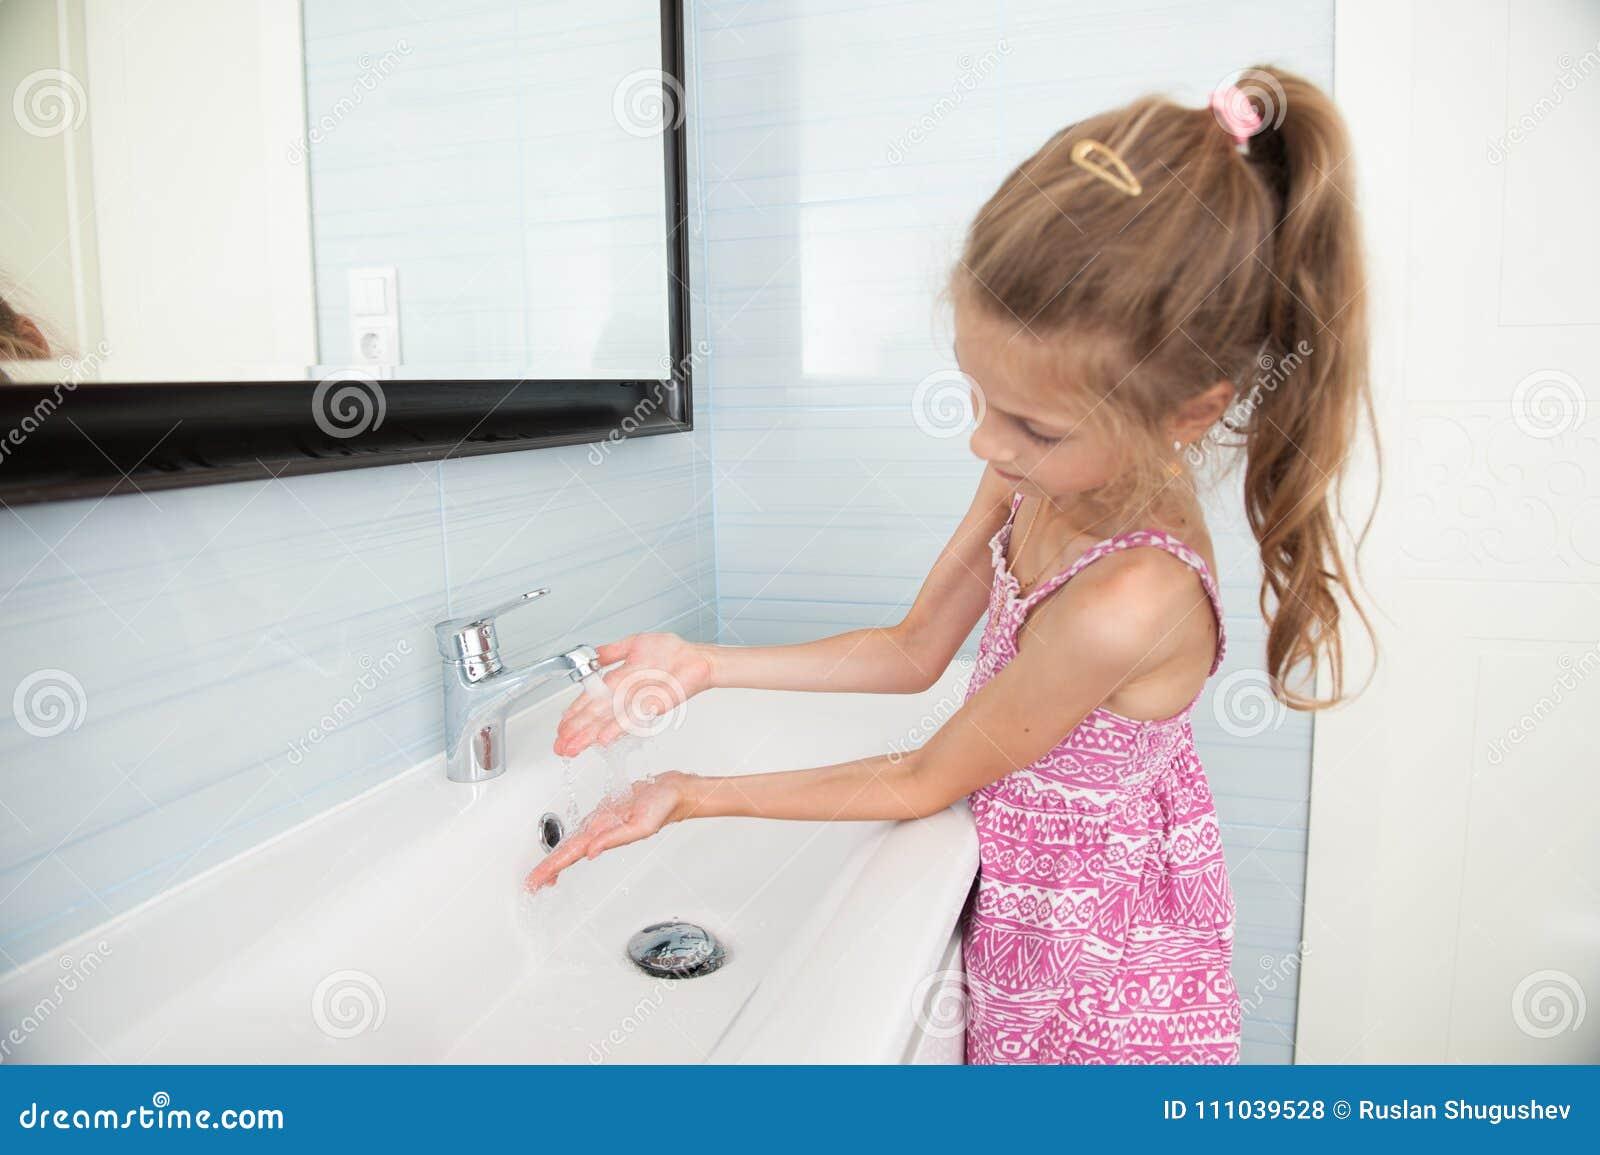 Lavabo Manos.La Nina Linda En Vestido Se Lava Las Manos En Lavabo En